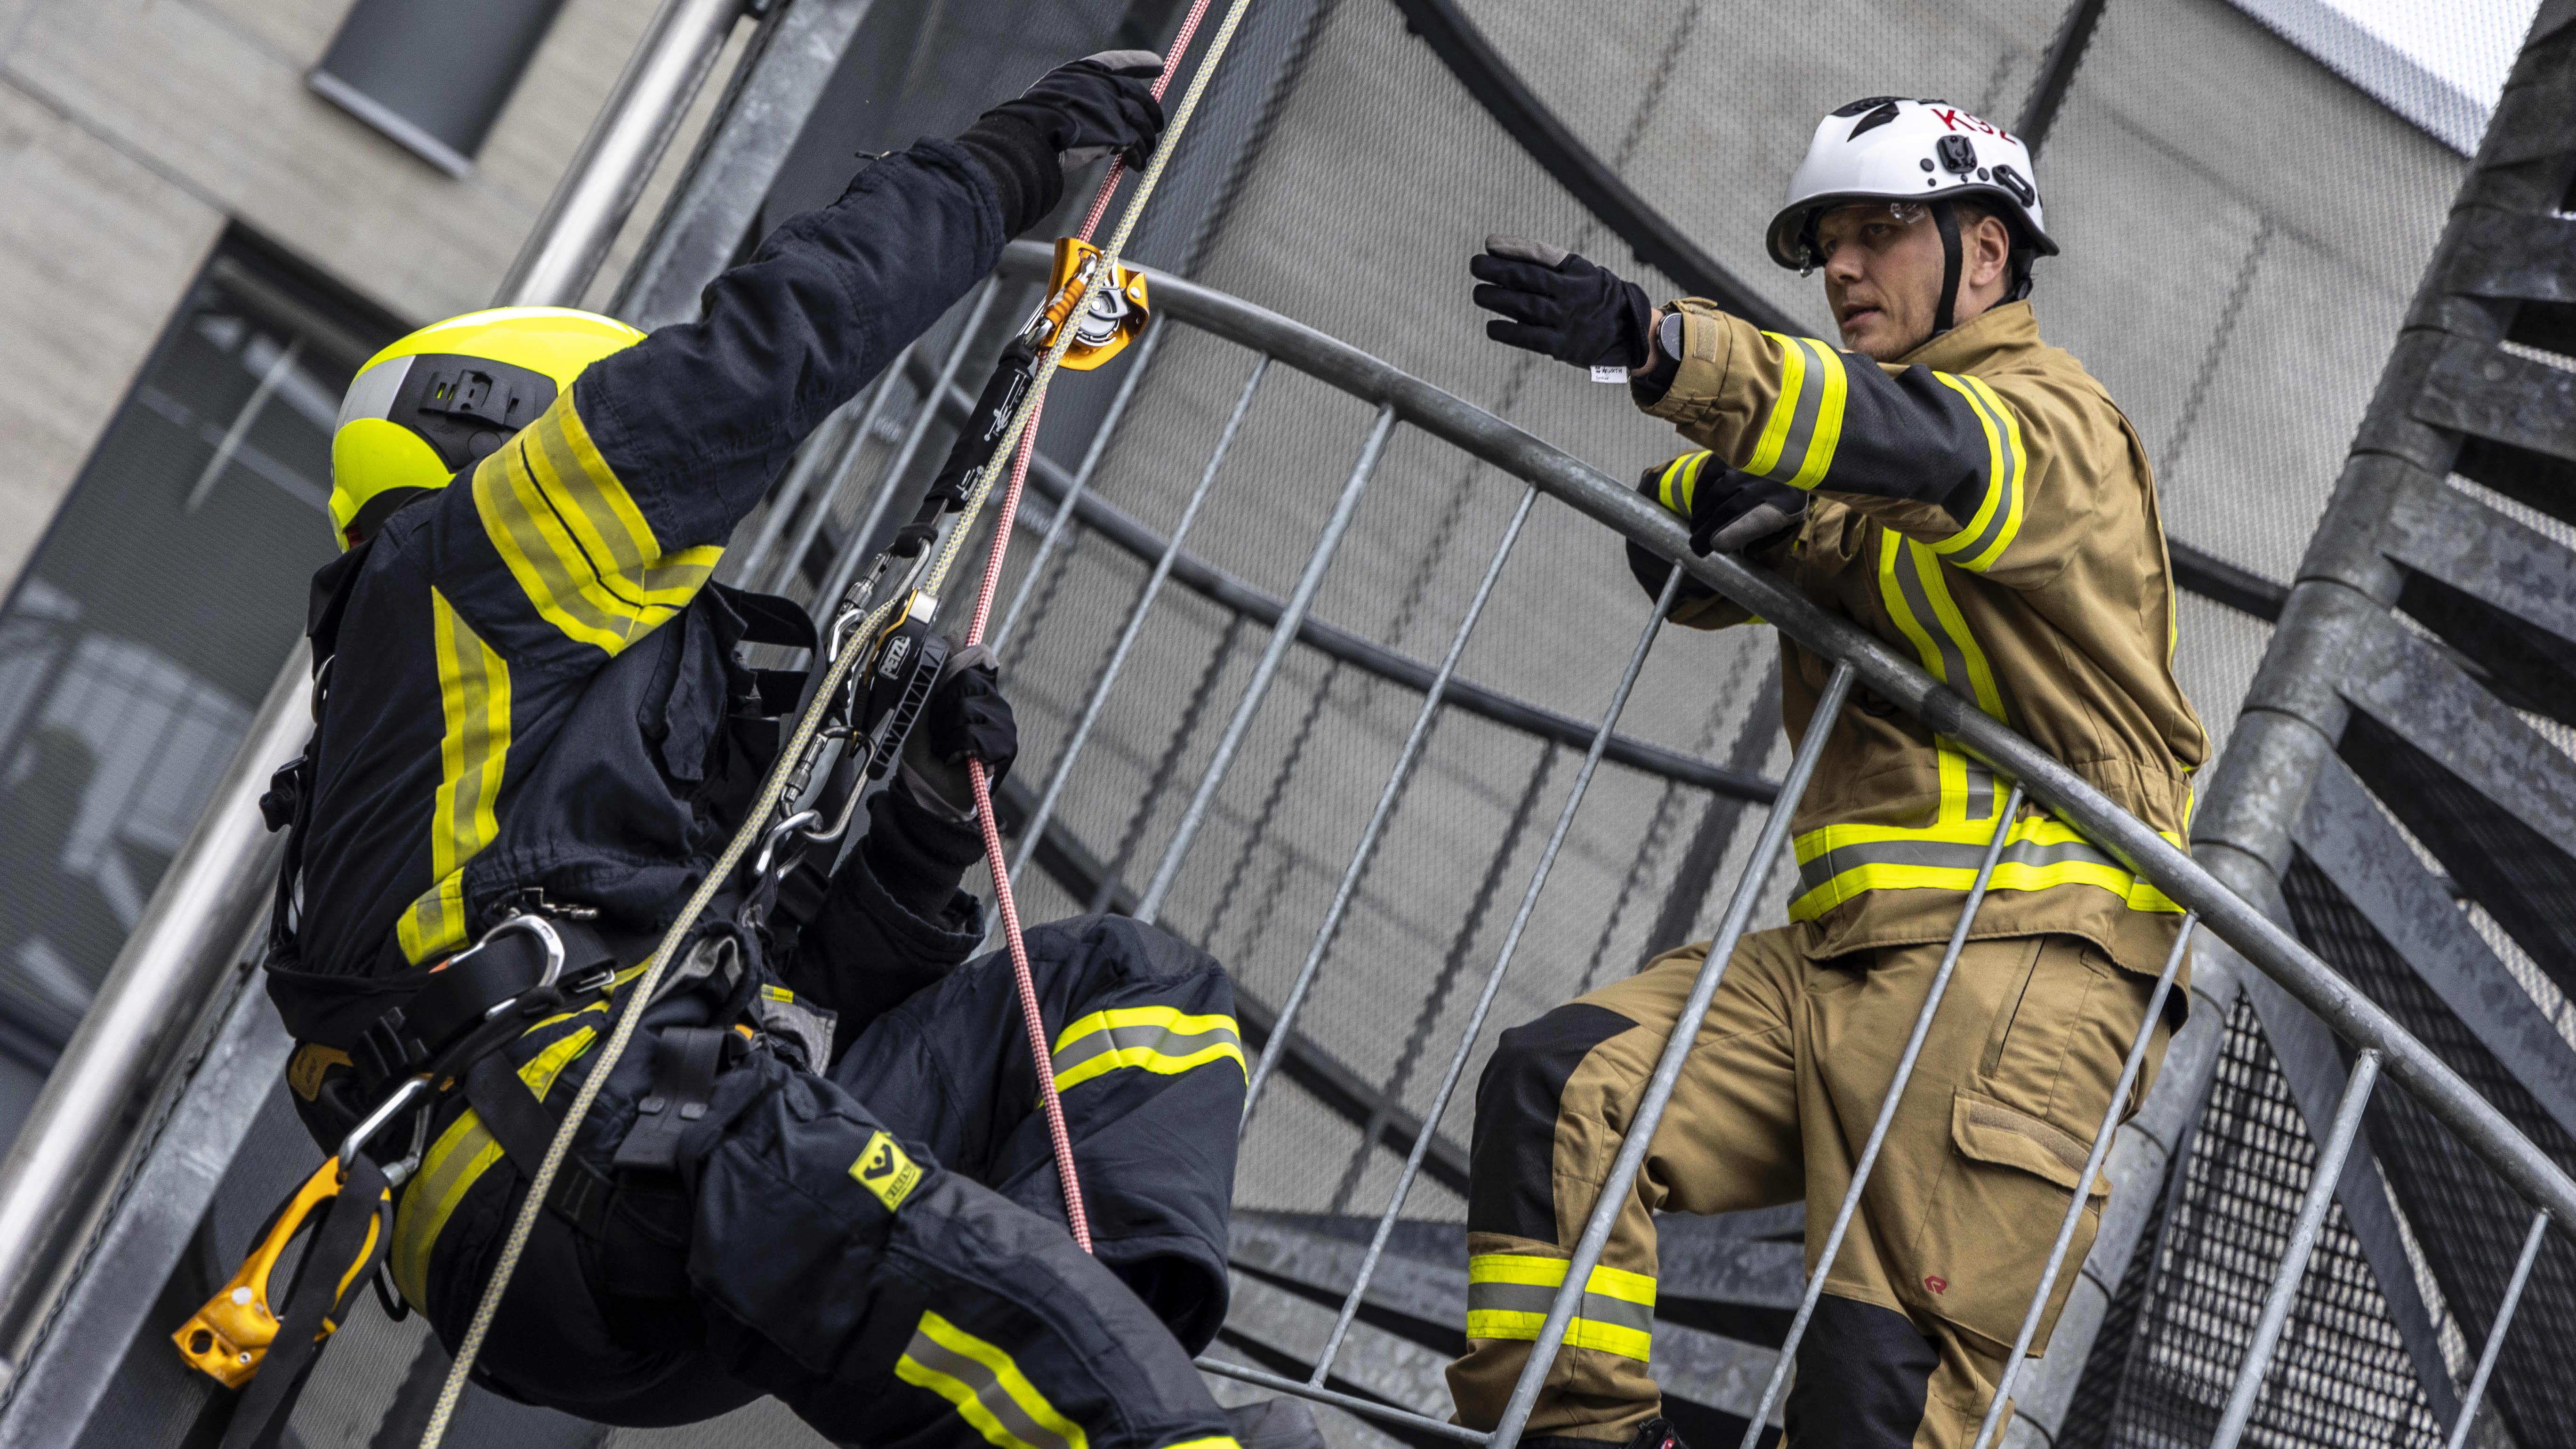 Kouluttaja antaa ohjeita pelastaja opiskelijalle, samalla kun hän laskeutuu korkeasta tornista köyttä käyttäen.